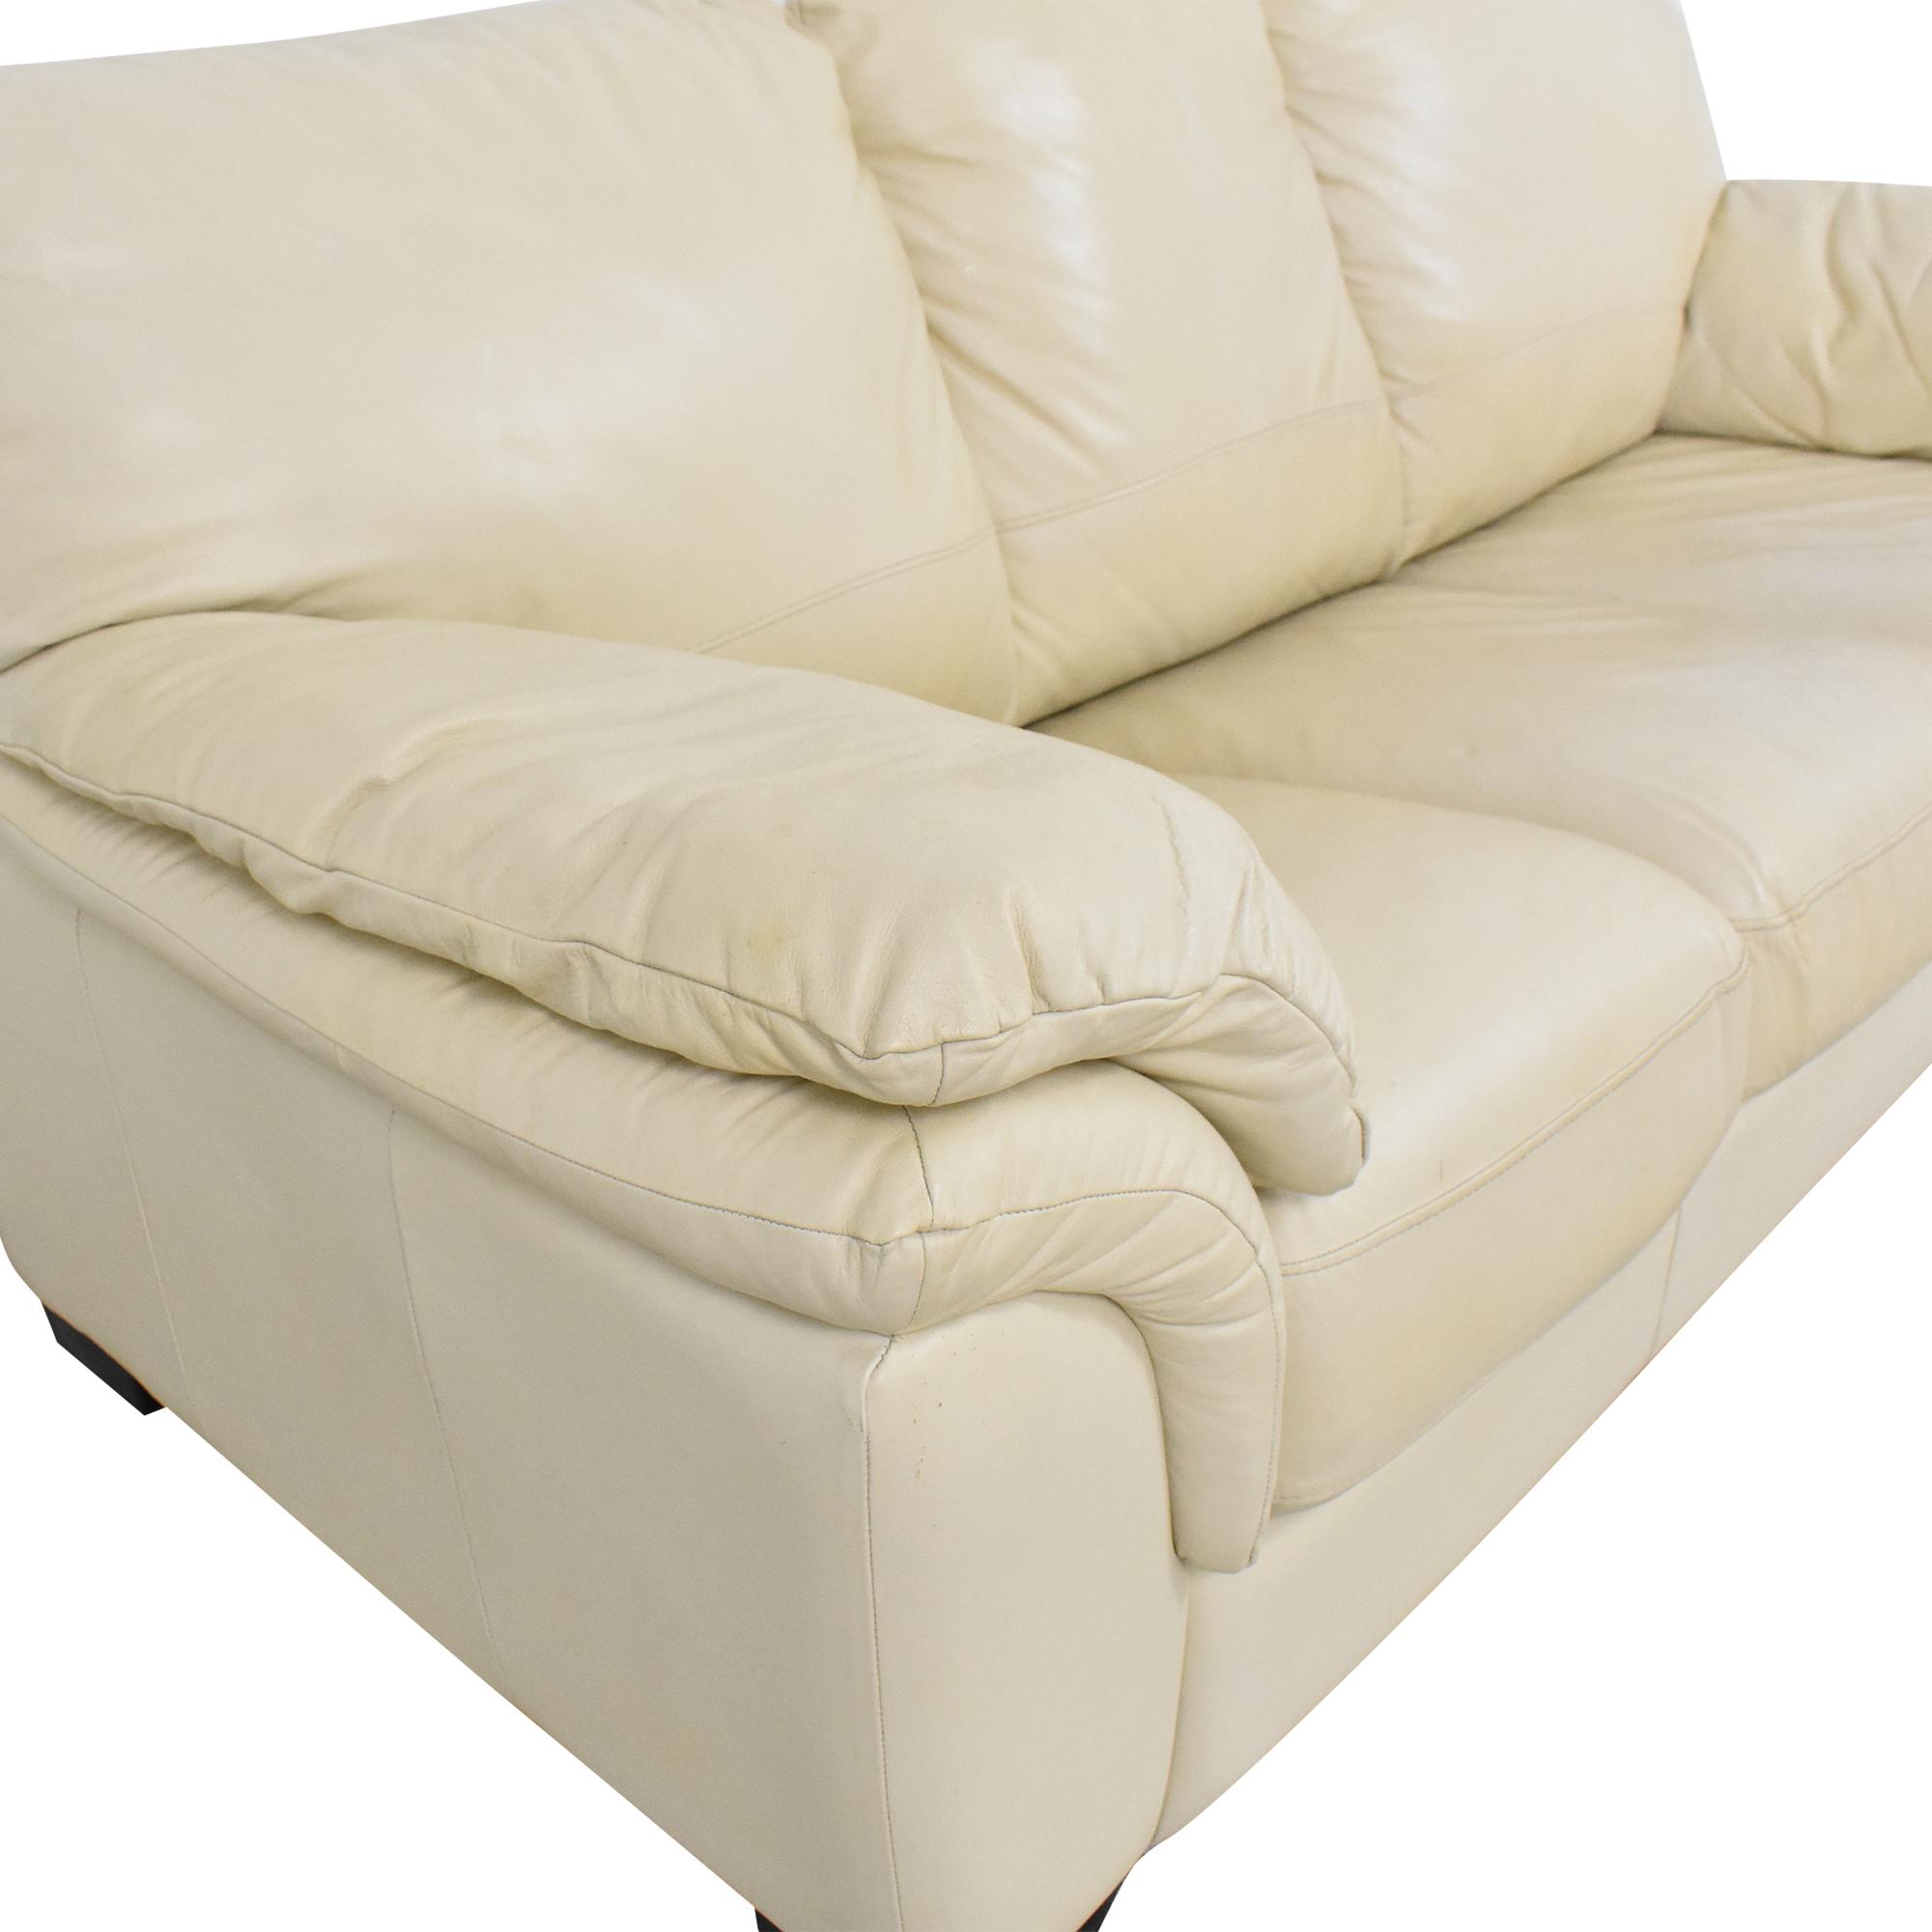 Italsofa Sleeper Sofa / Sofas